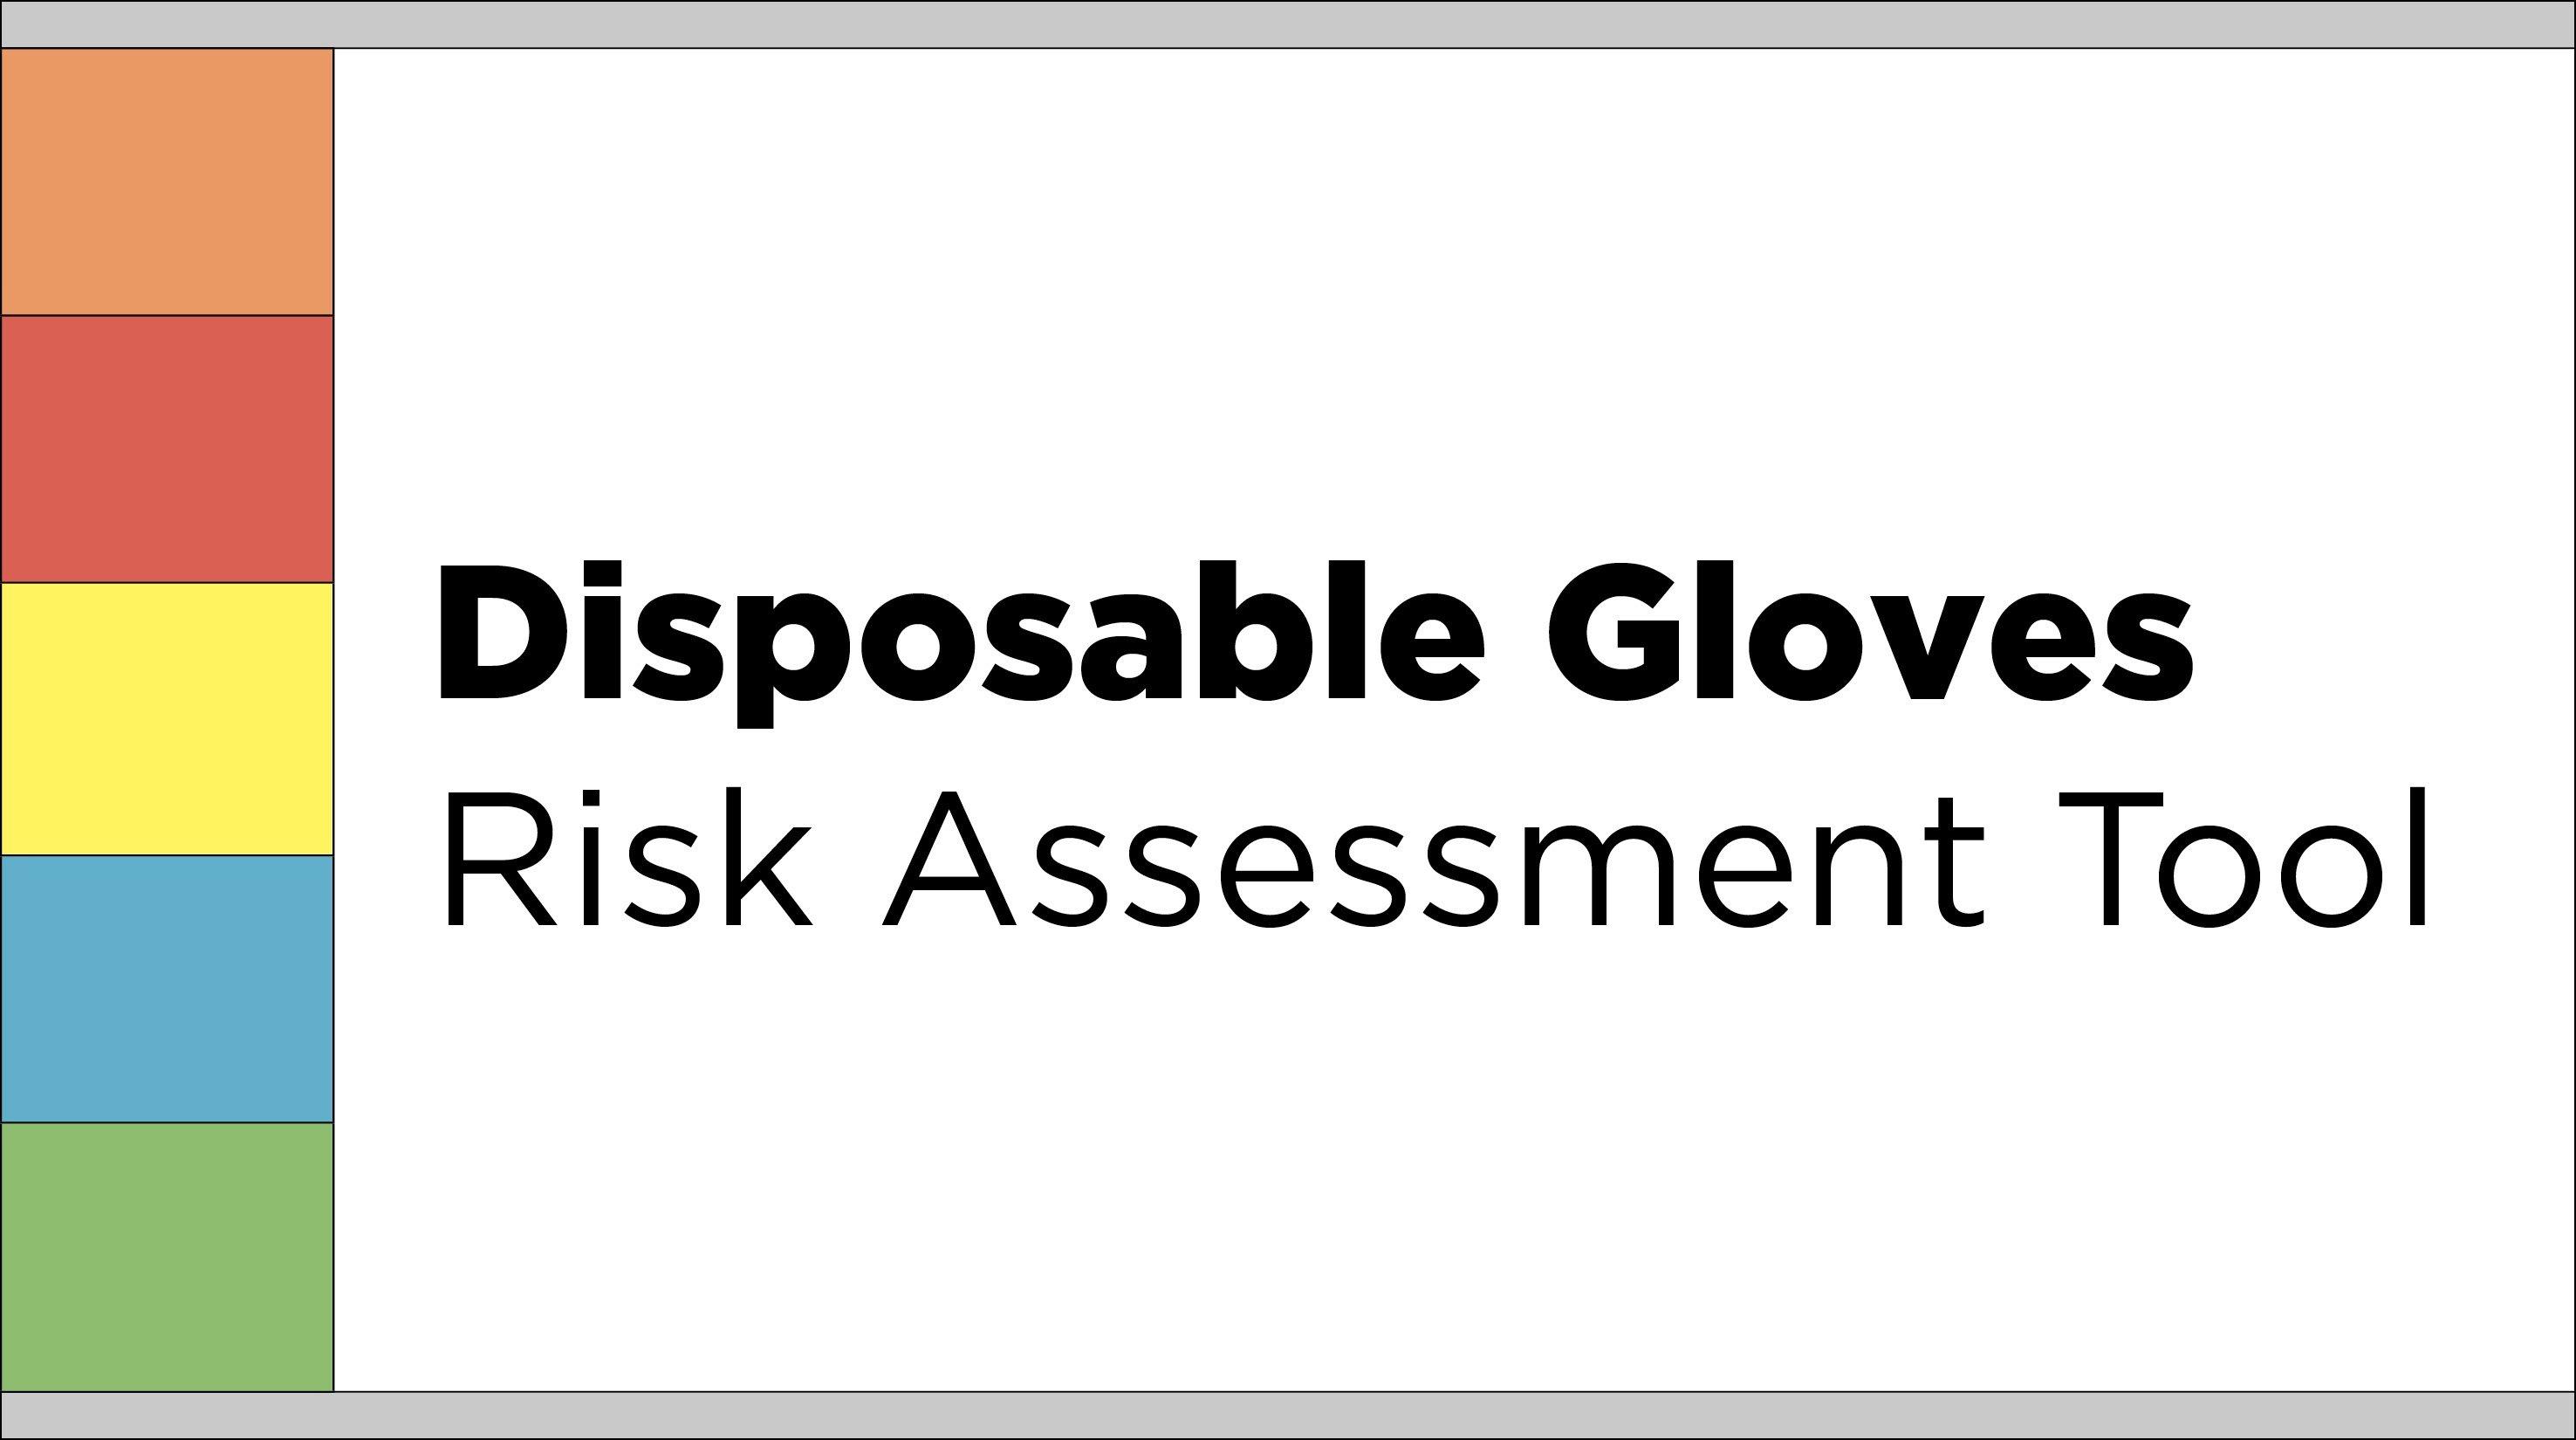 EP_Risk_Assessment_Tool_Thumbnail_10July17.jpg